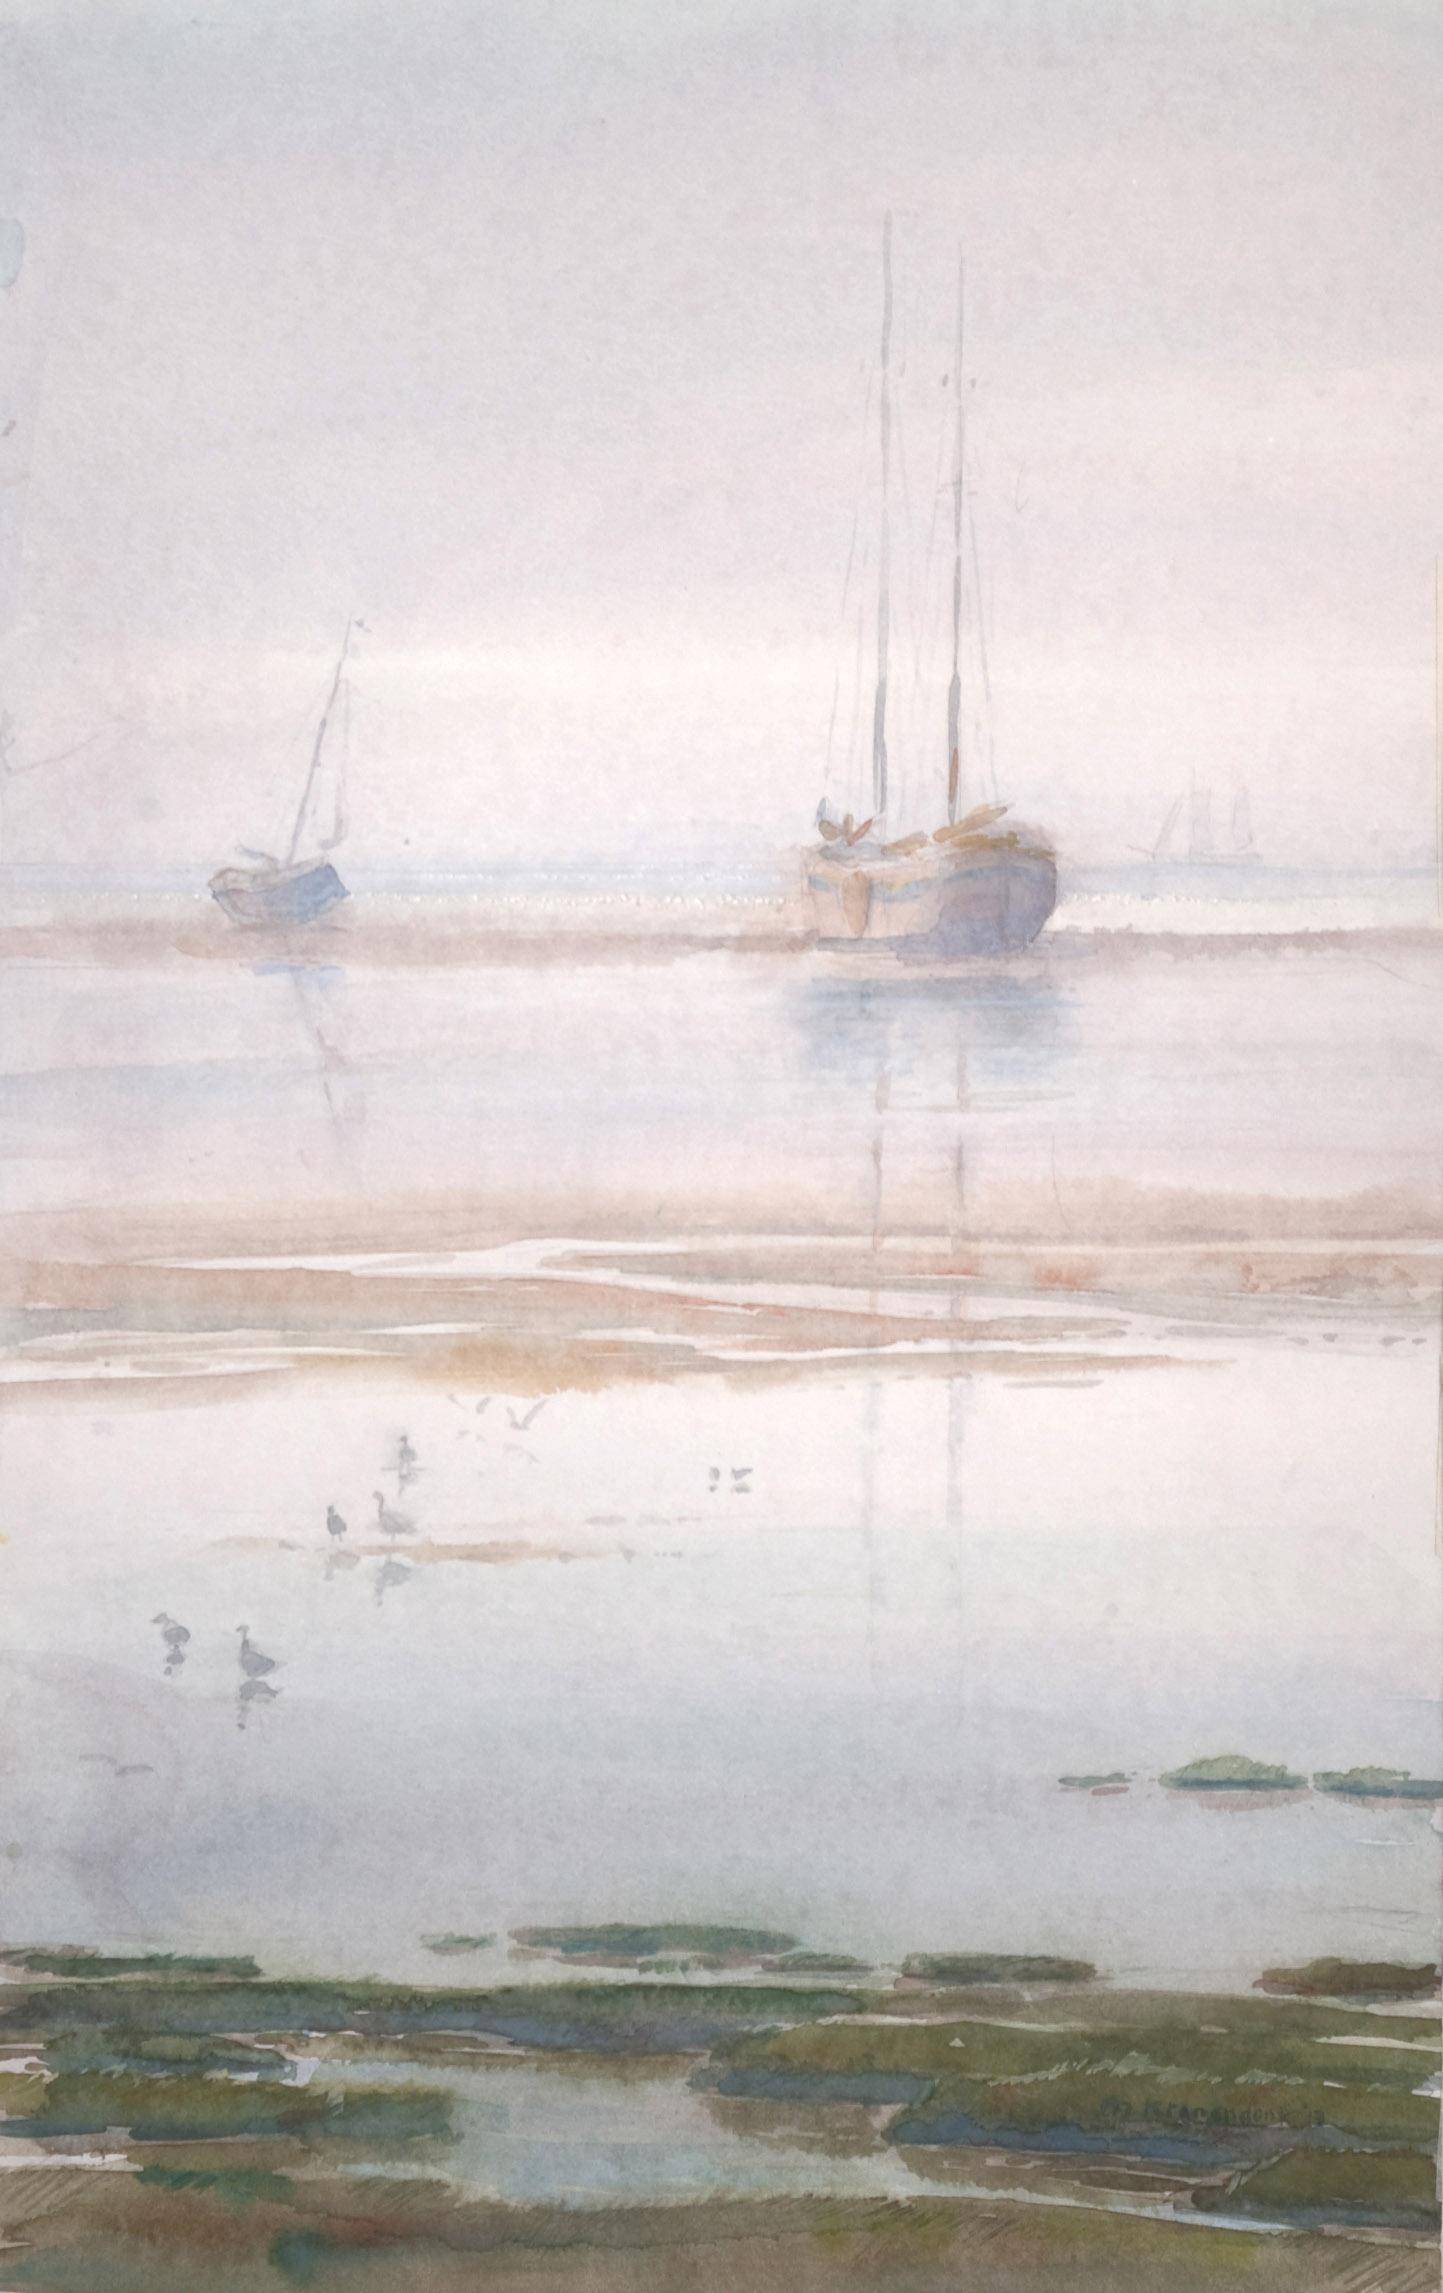 aquarel, schilderij van platbodems zeilschepen drooggevallen op wad in Waddenzee realisme